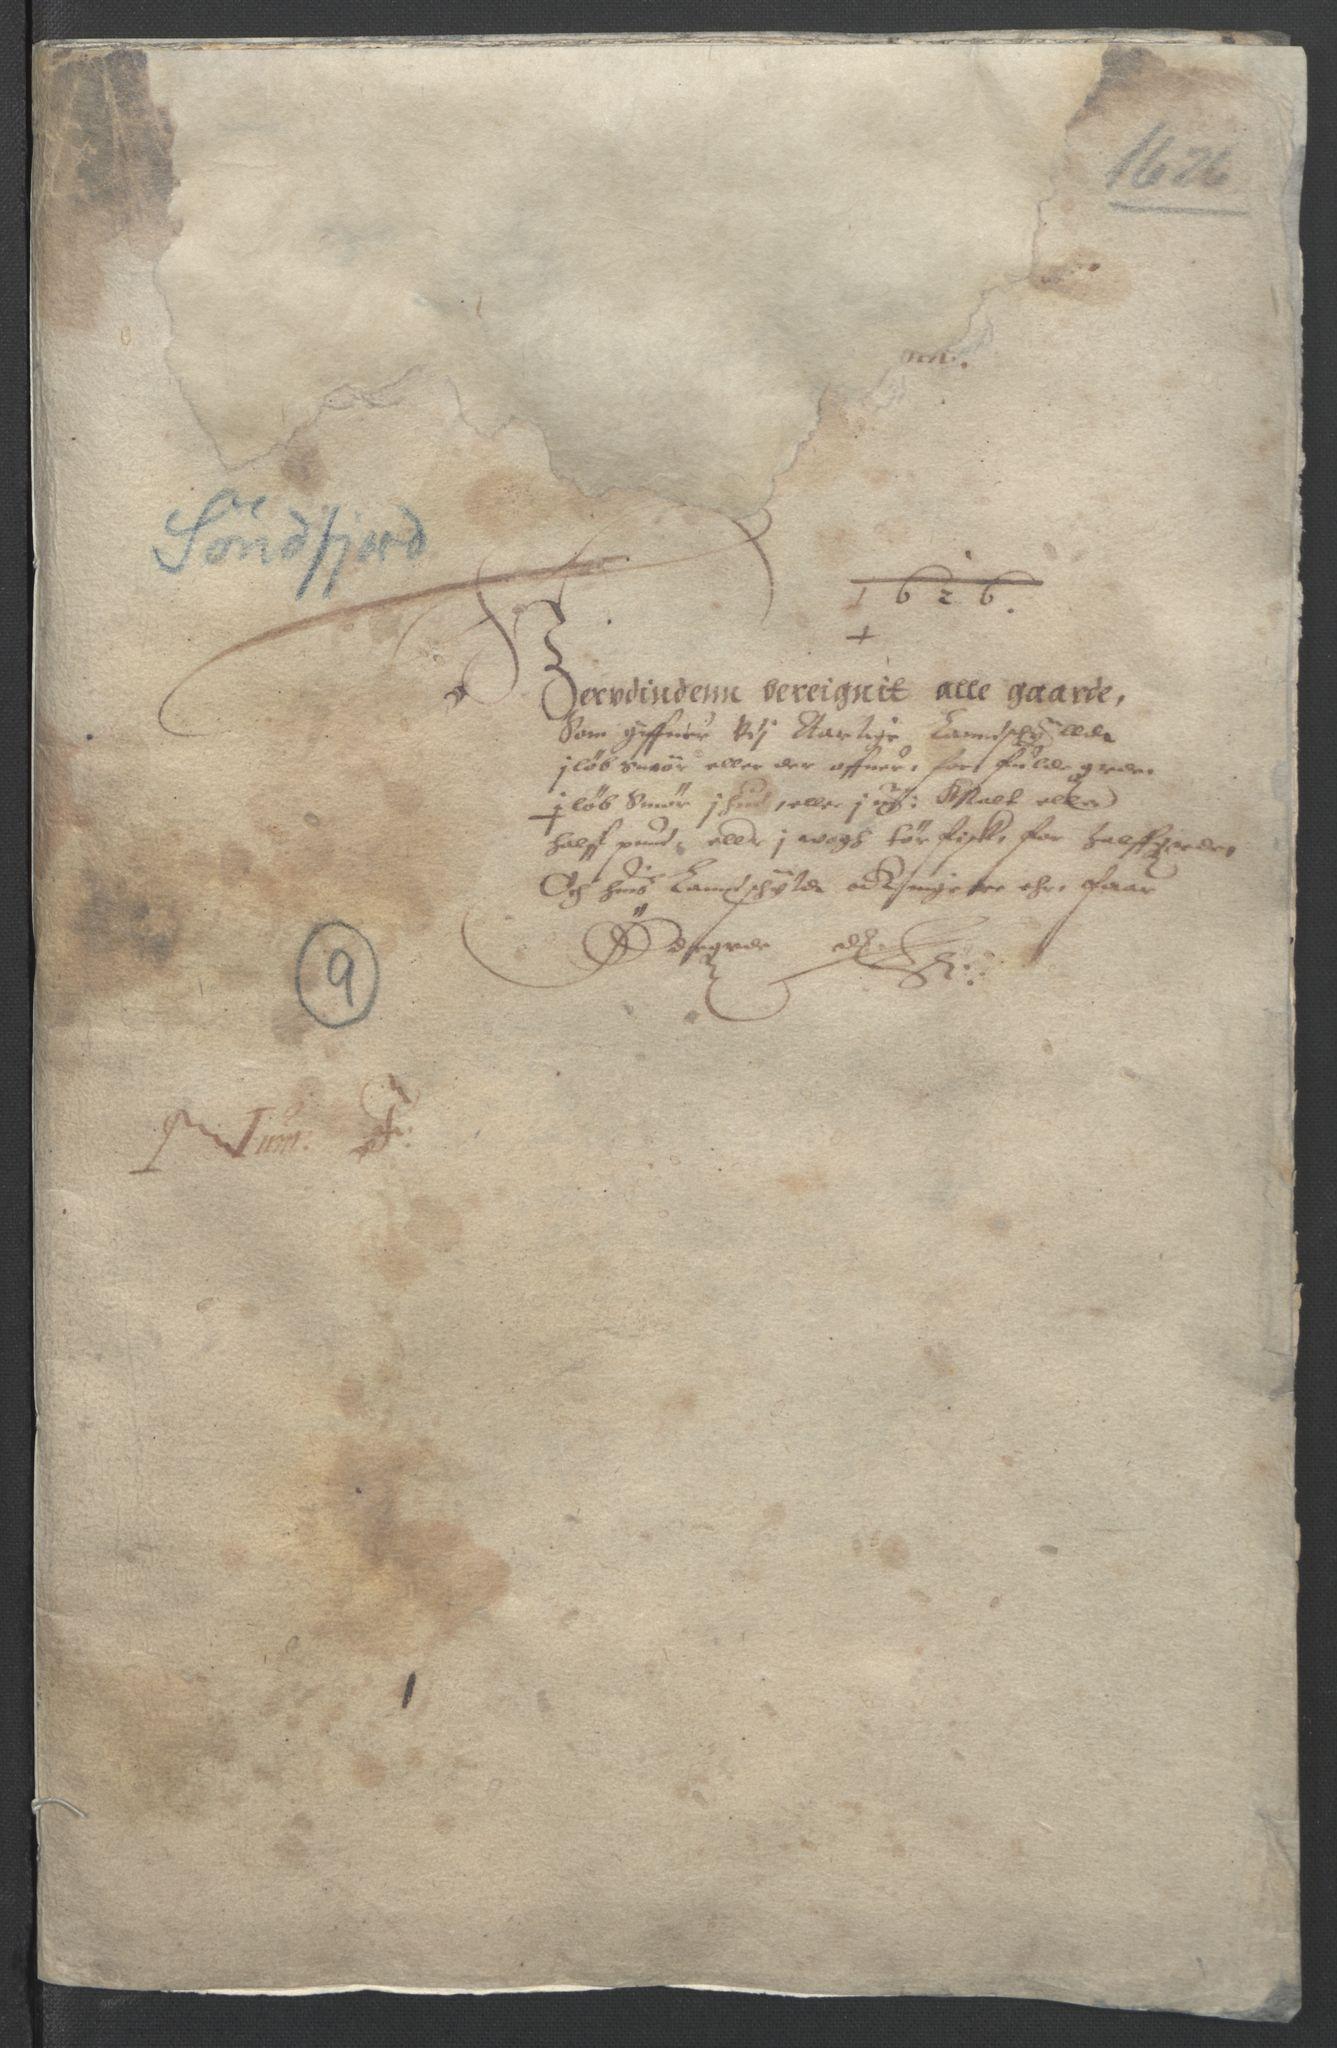 RA, Stattholderembetet 1572-1771, Ek/L0005: Jordebøker til utlikning av garnisonsskatt 1624-1626:, 1626, s. 3